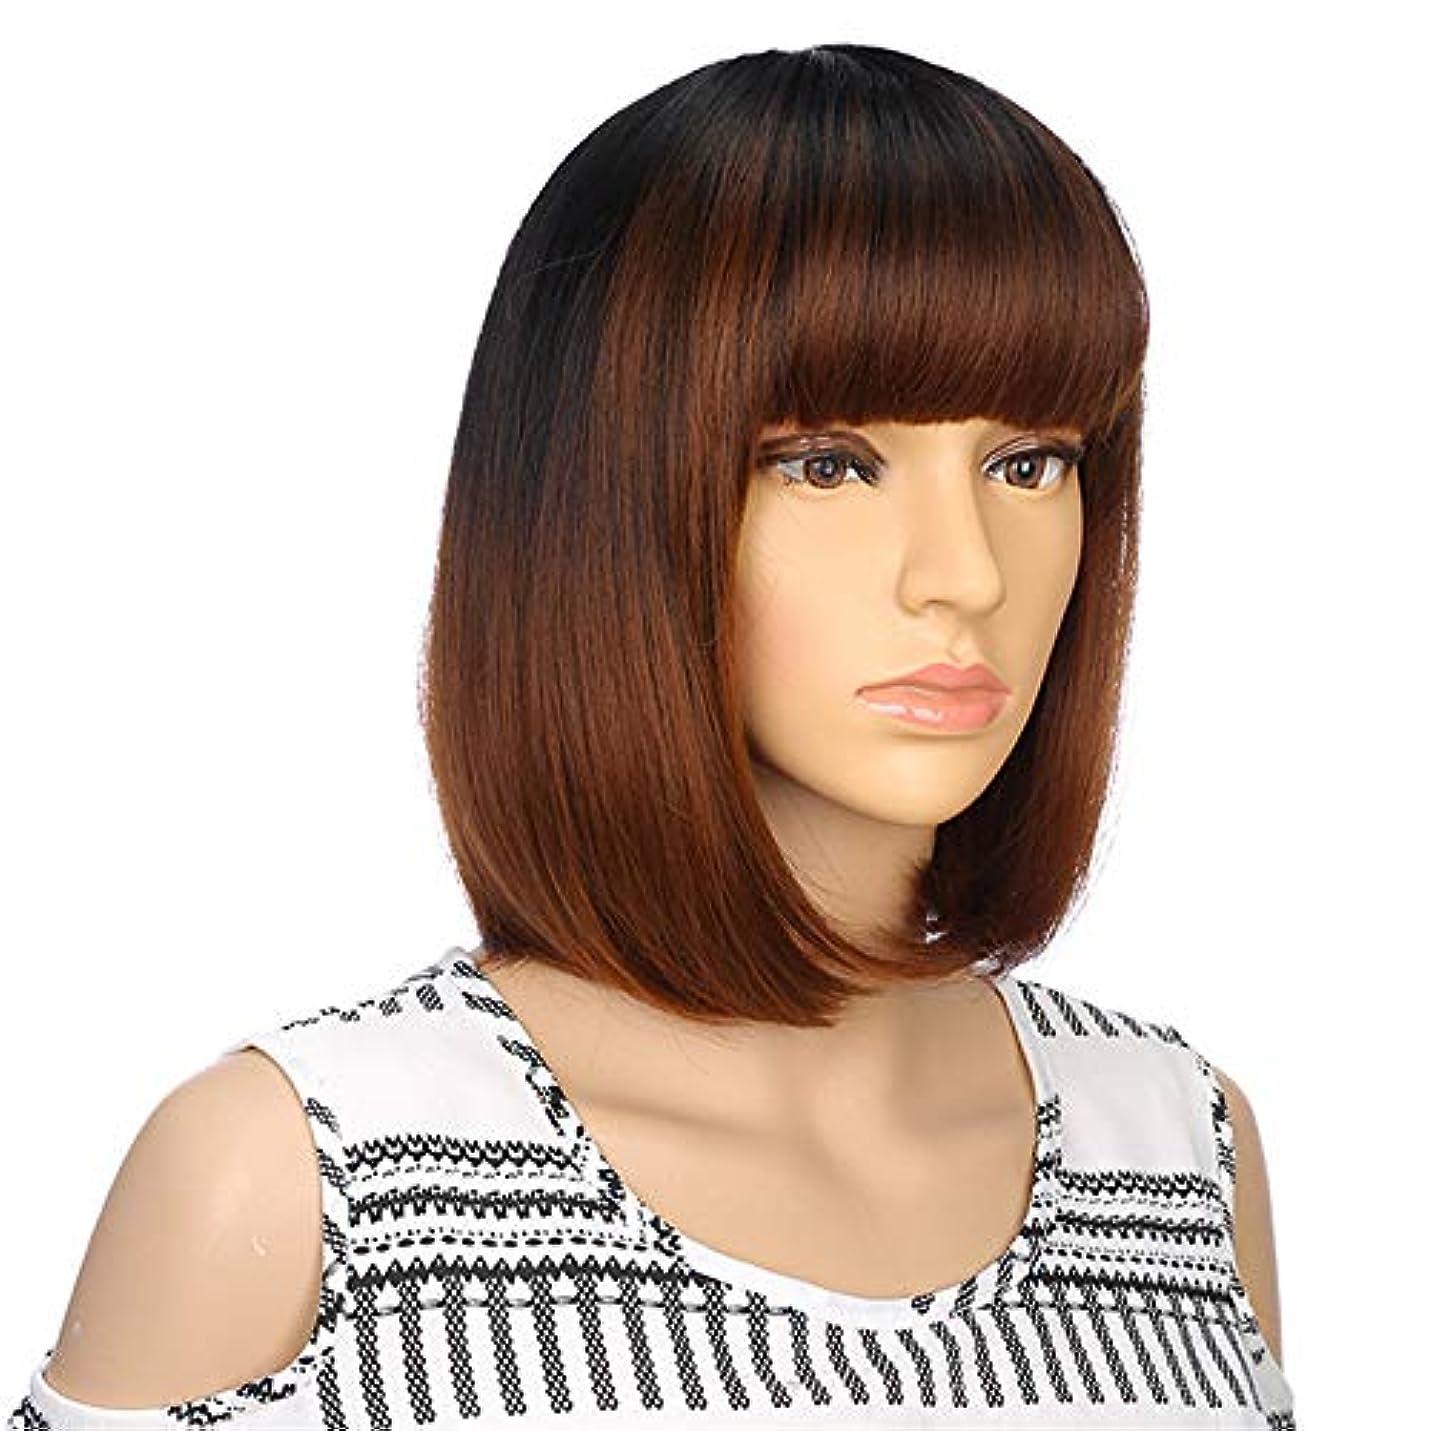 大事にするストッキングシャワーヘアエクステンション合成ブラウンストレートウィッグ女性用前髪長ボブヘアウィッグ耐熱ヘアスタイルコスプレウィッグ13インチ